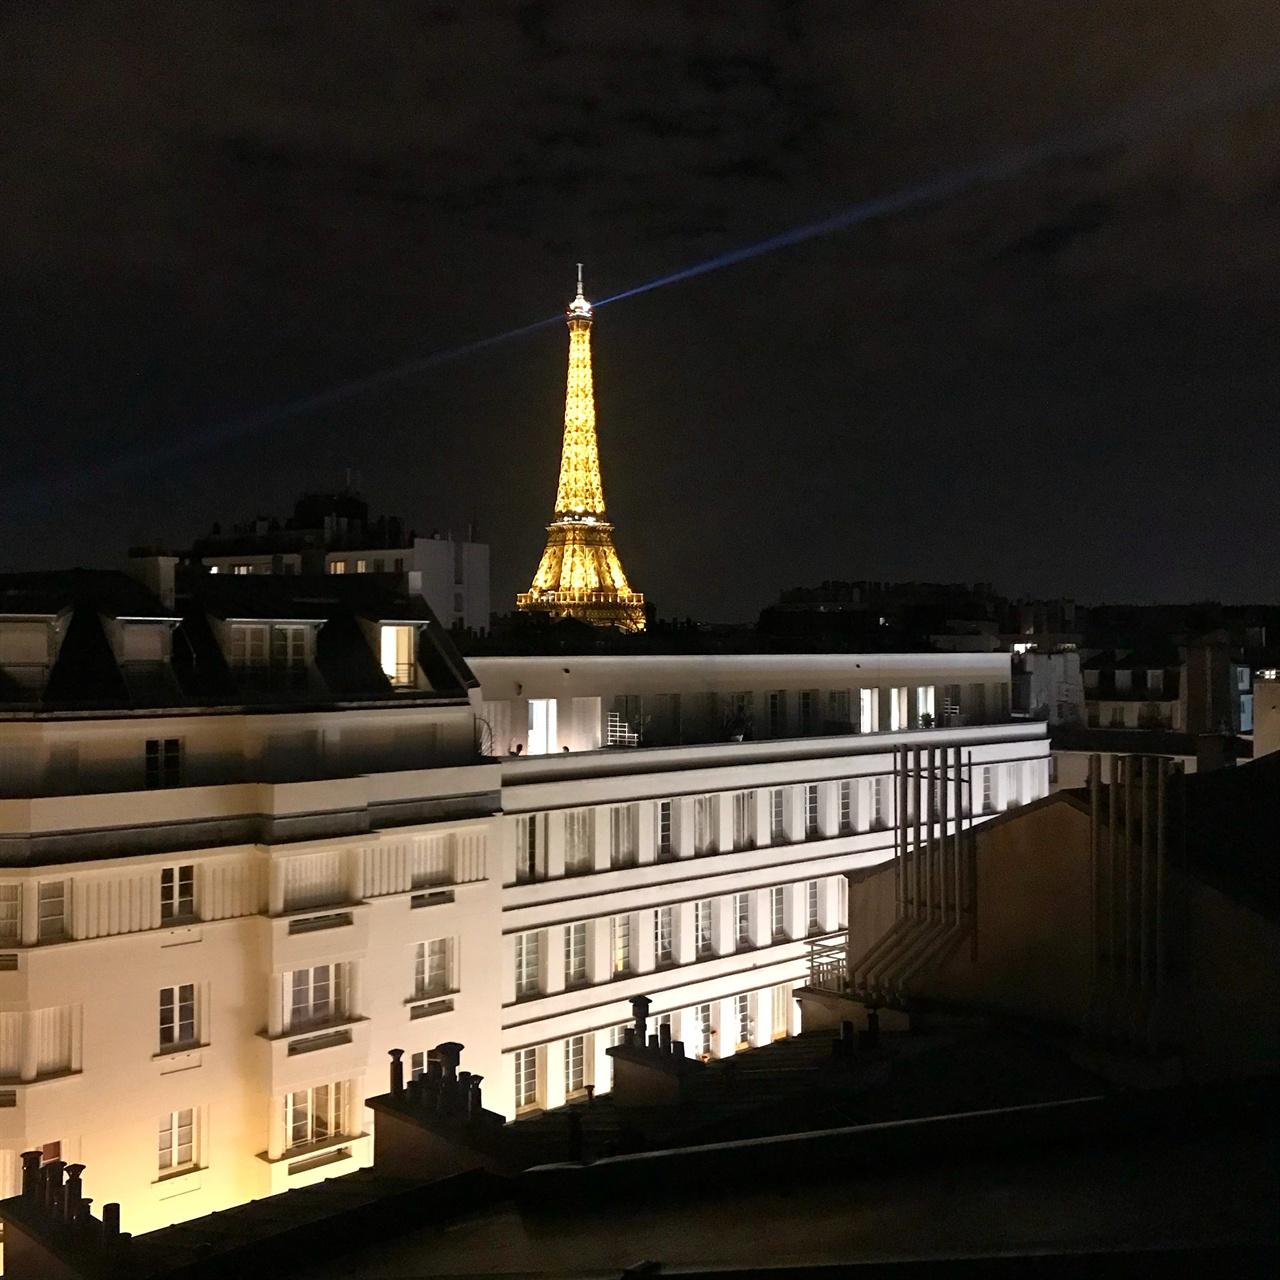 숙소에서 보이는 에펠탑의 모습  파리에 한달살기를 하는 동안  매일밤, 빼놓지 않고 바라보았던 장면이예요.  이 집에 정이 정말 많이 들어버려서, 떠나오기가 힘들었네요.